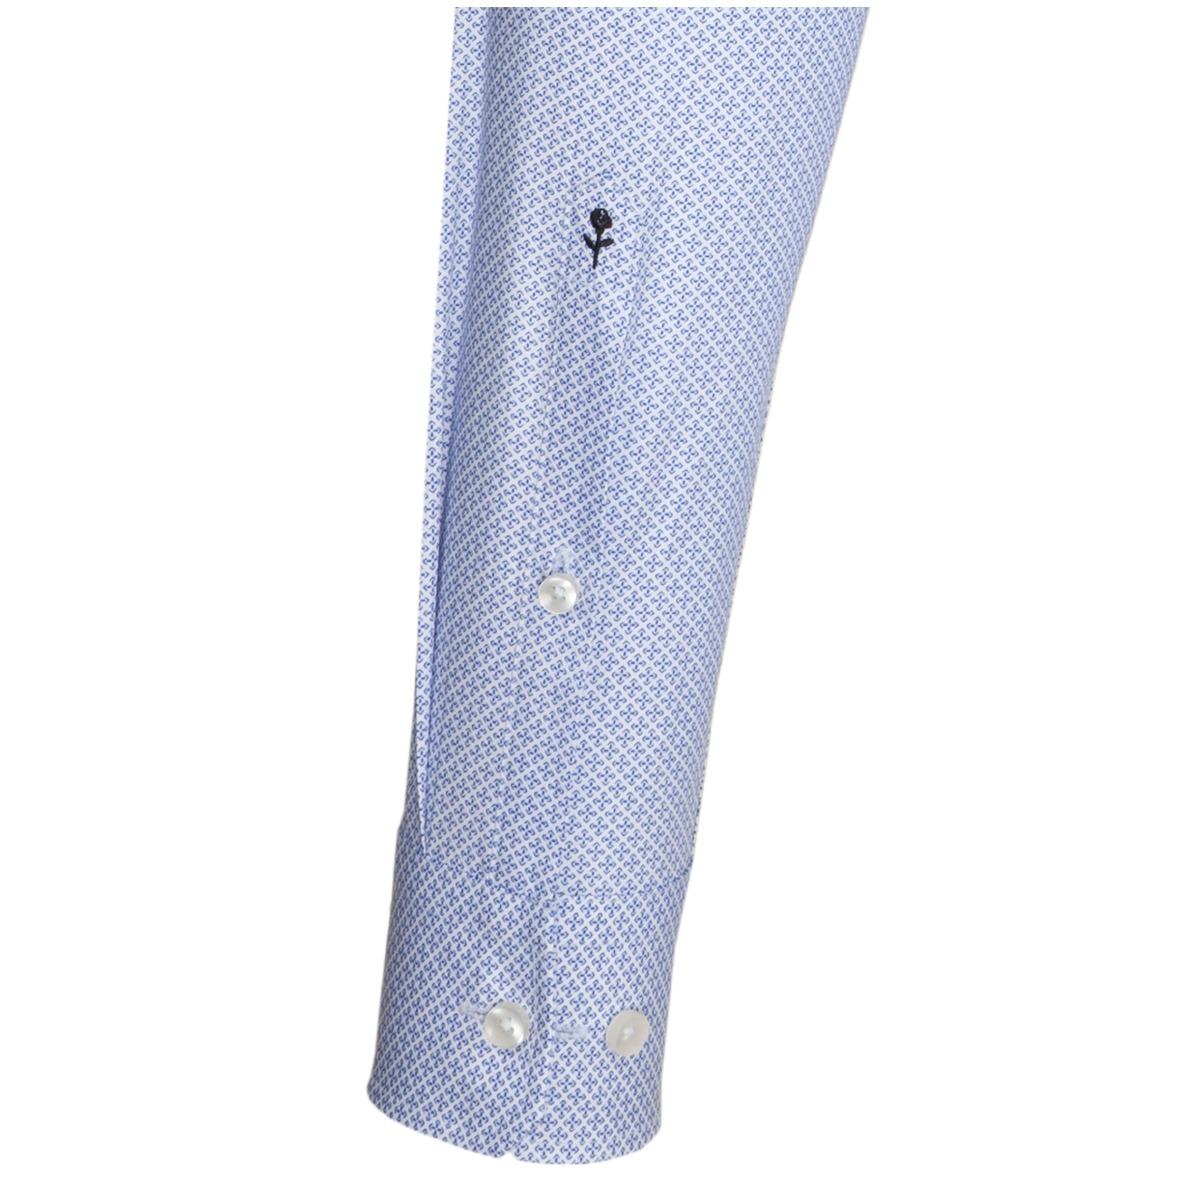 38f4f62a080 ... Obrázek Modrá pánská košile SEIDENSTICKER řady Business se vzorečkem   křížek